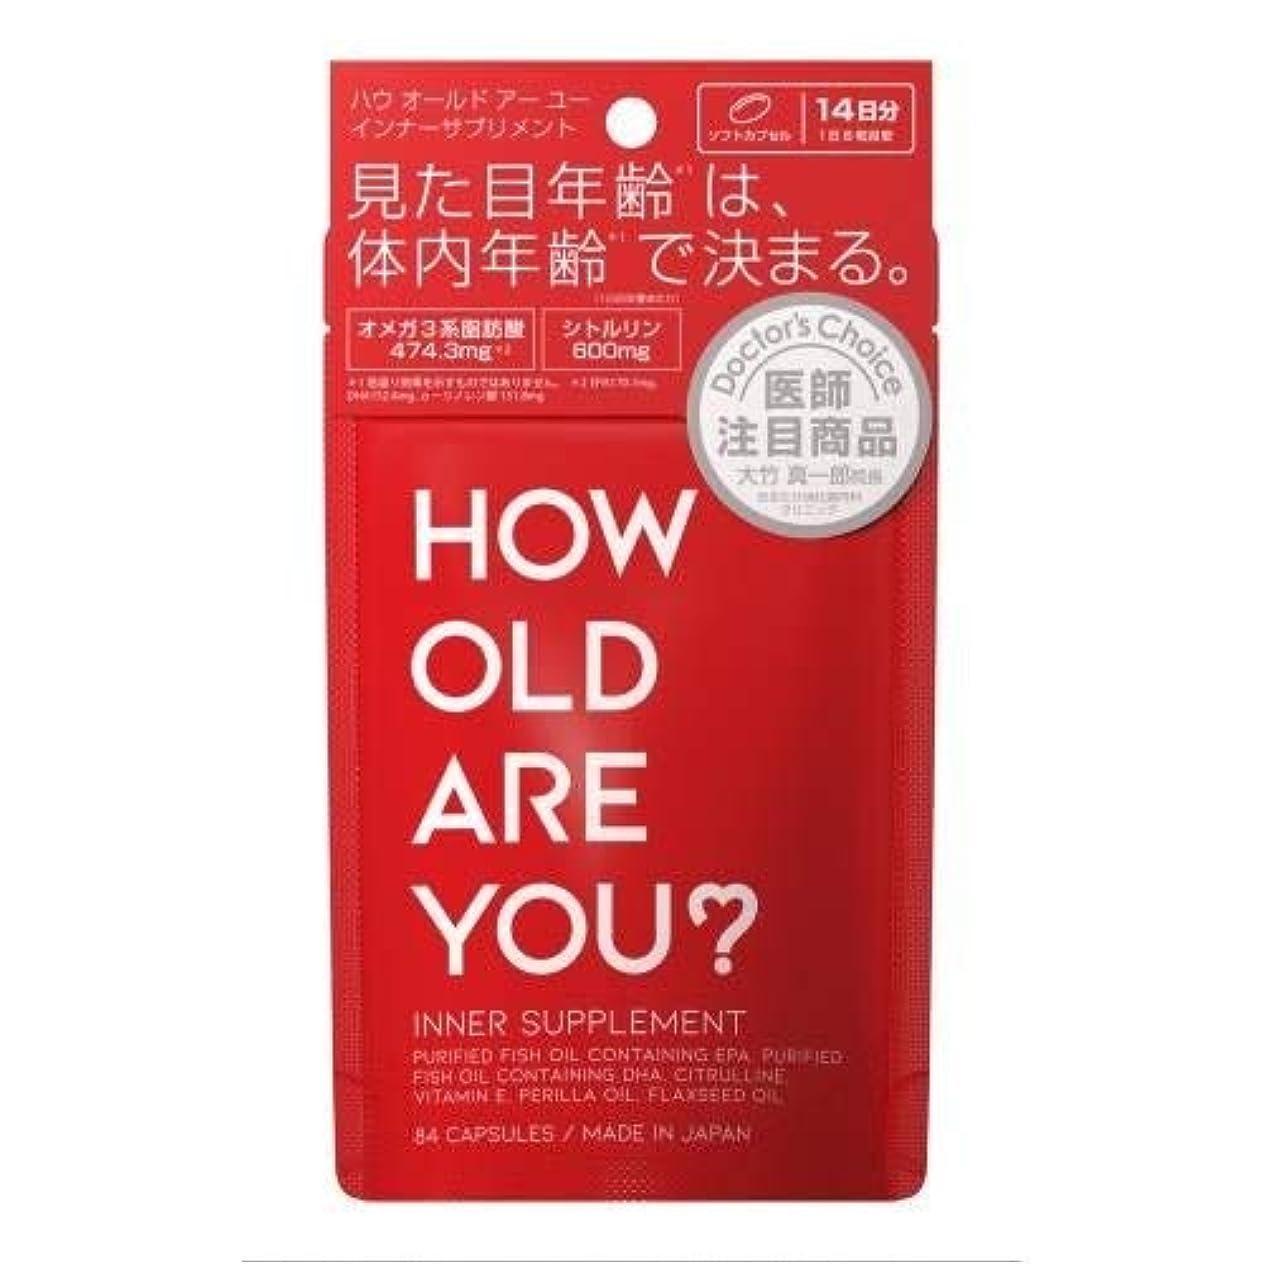 犬オゾン意欲【2個セット】HOW OLD ARE YOU?インナーサプリメント 84粒